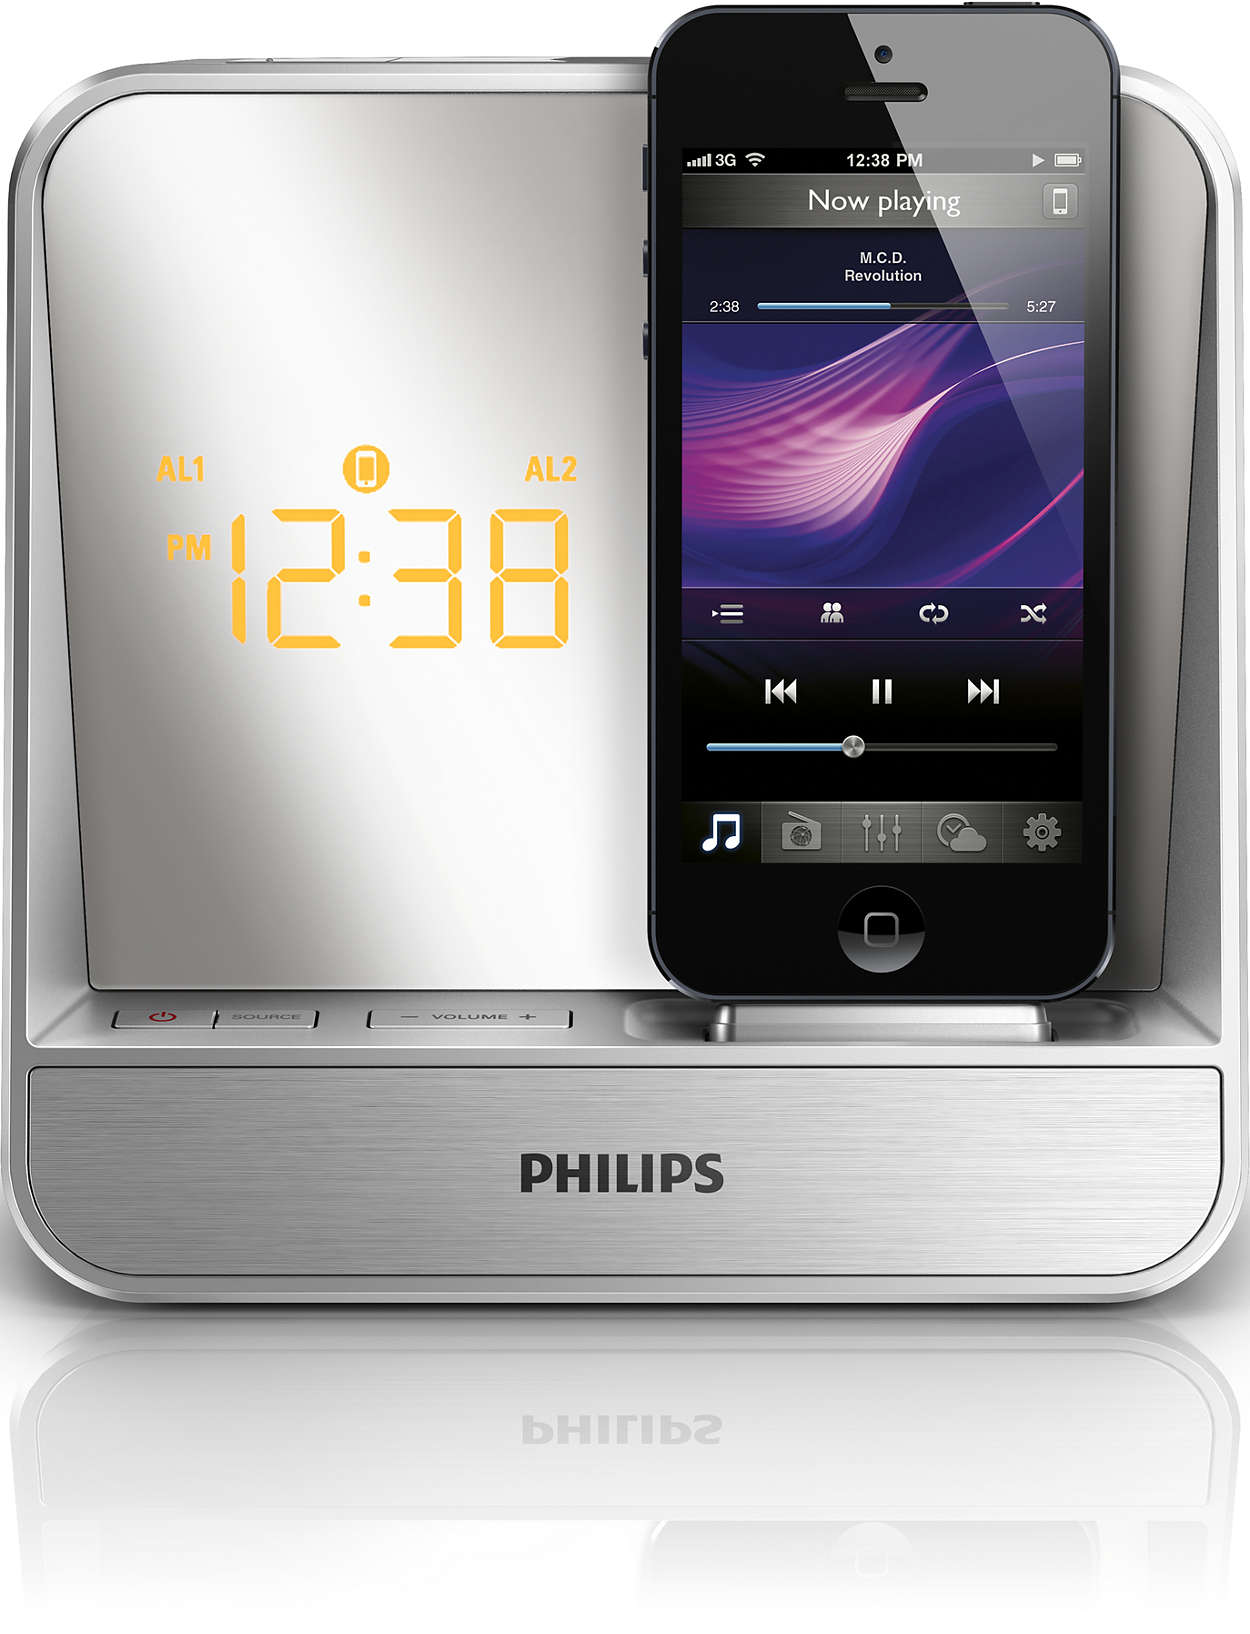 Acorde com um óptimo som do seu iPod/iPhone